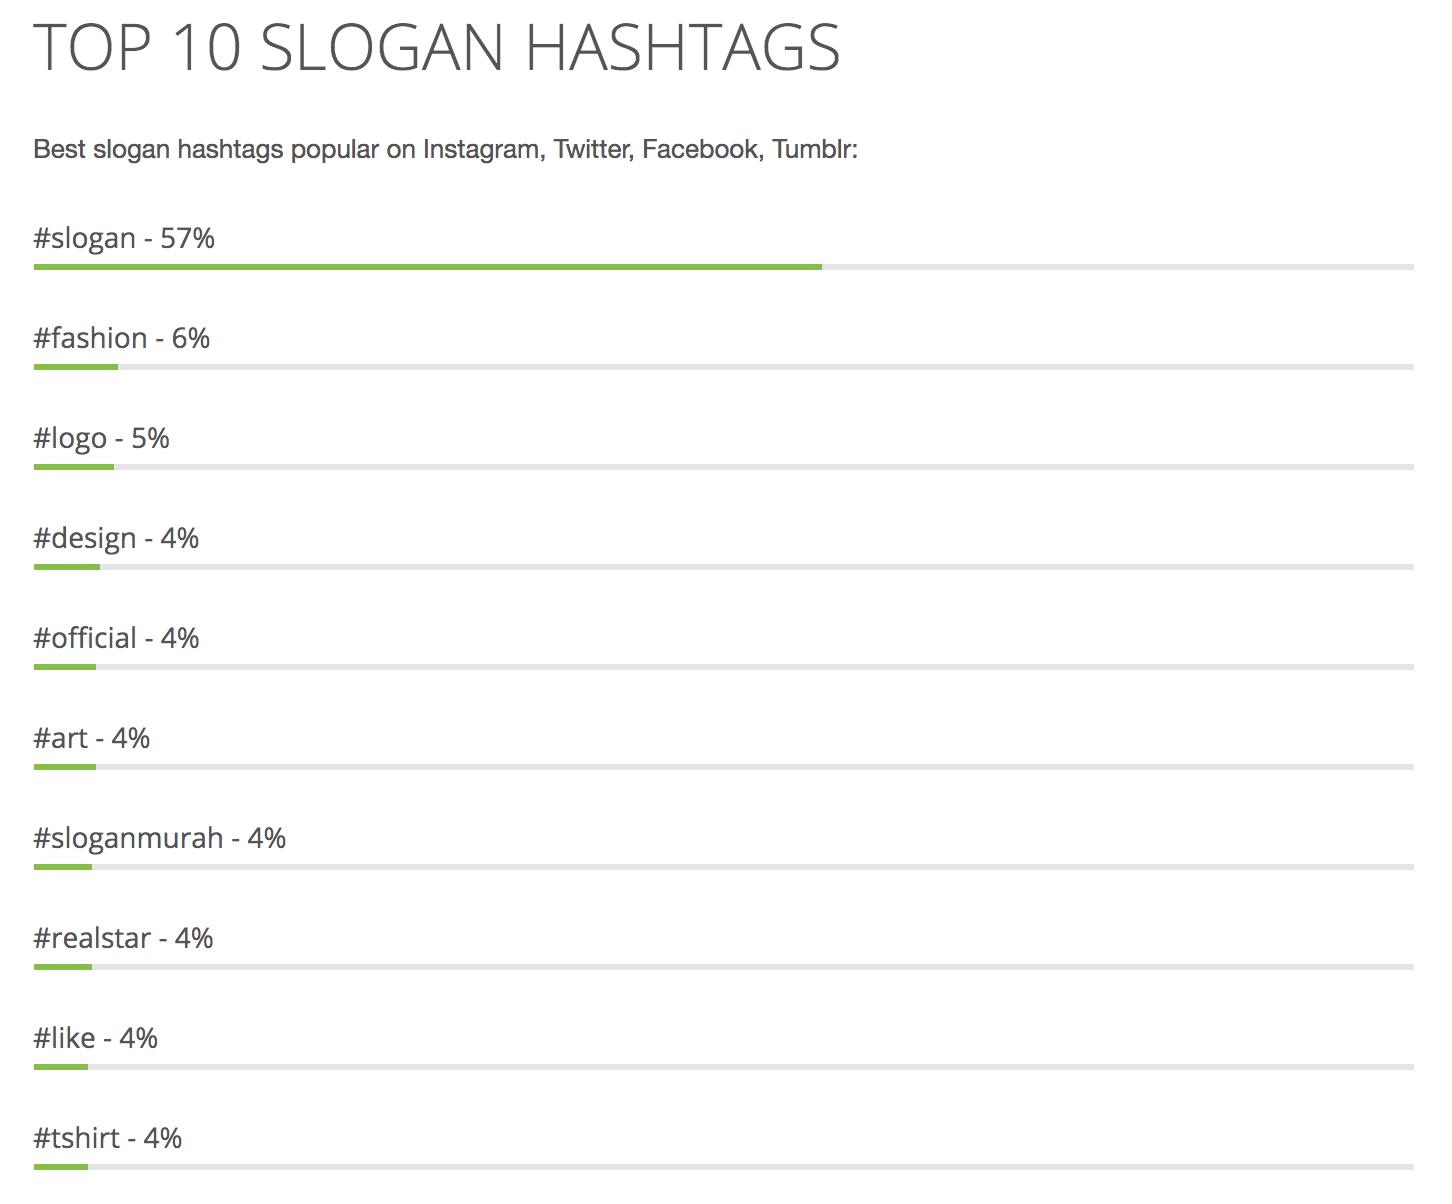 IG行銷top 100 hashtag